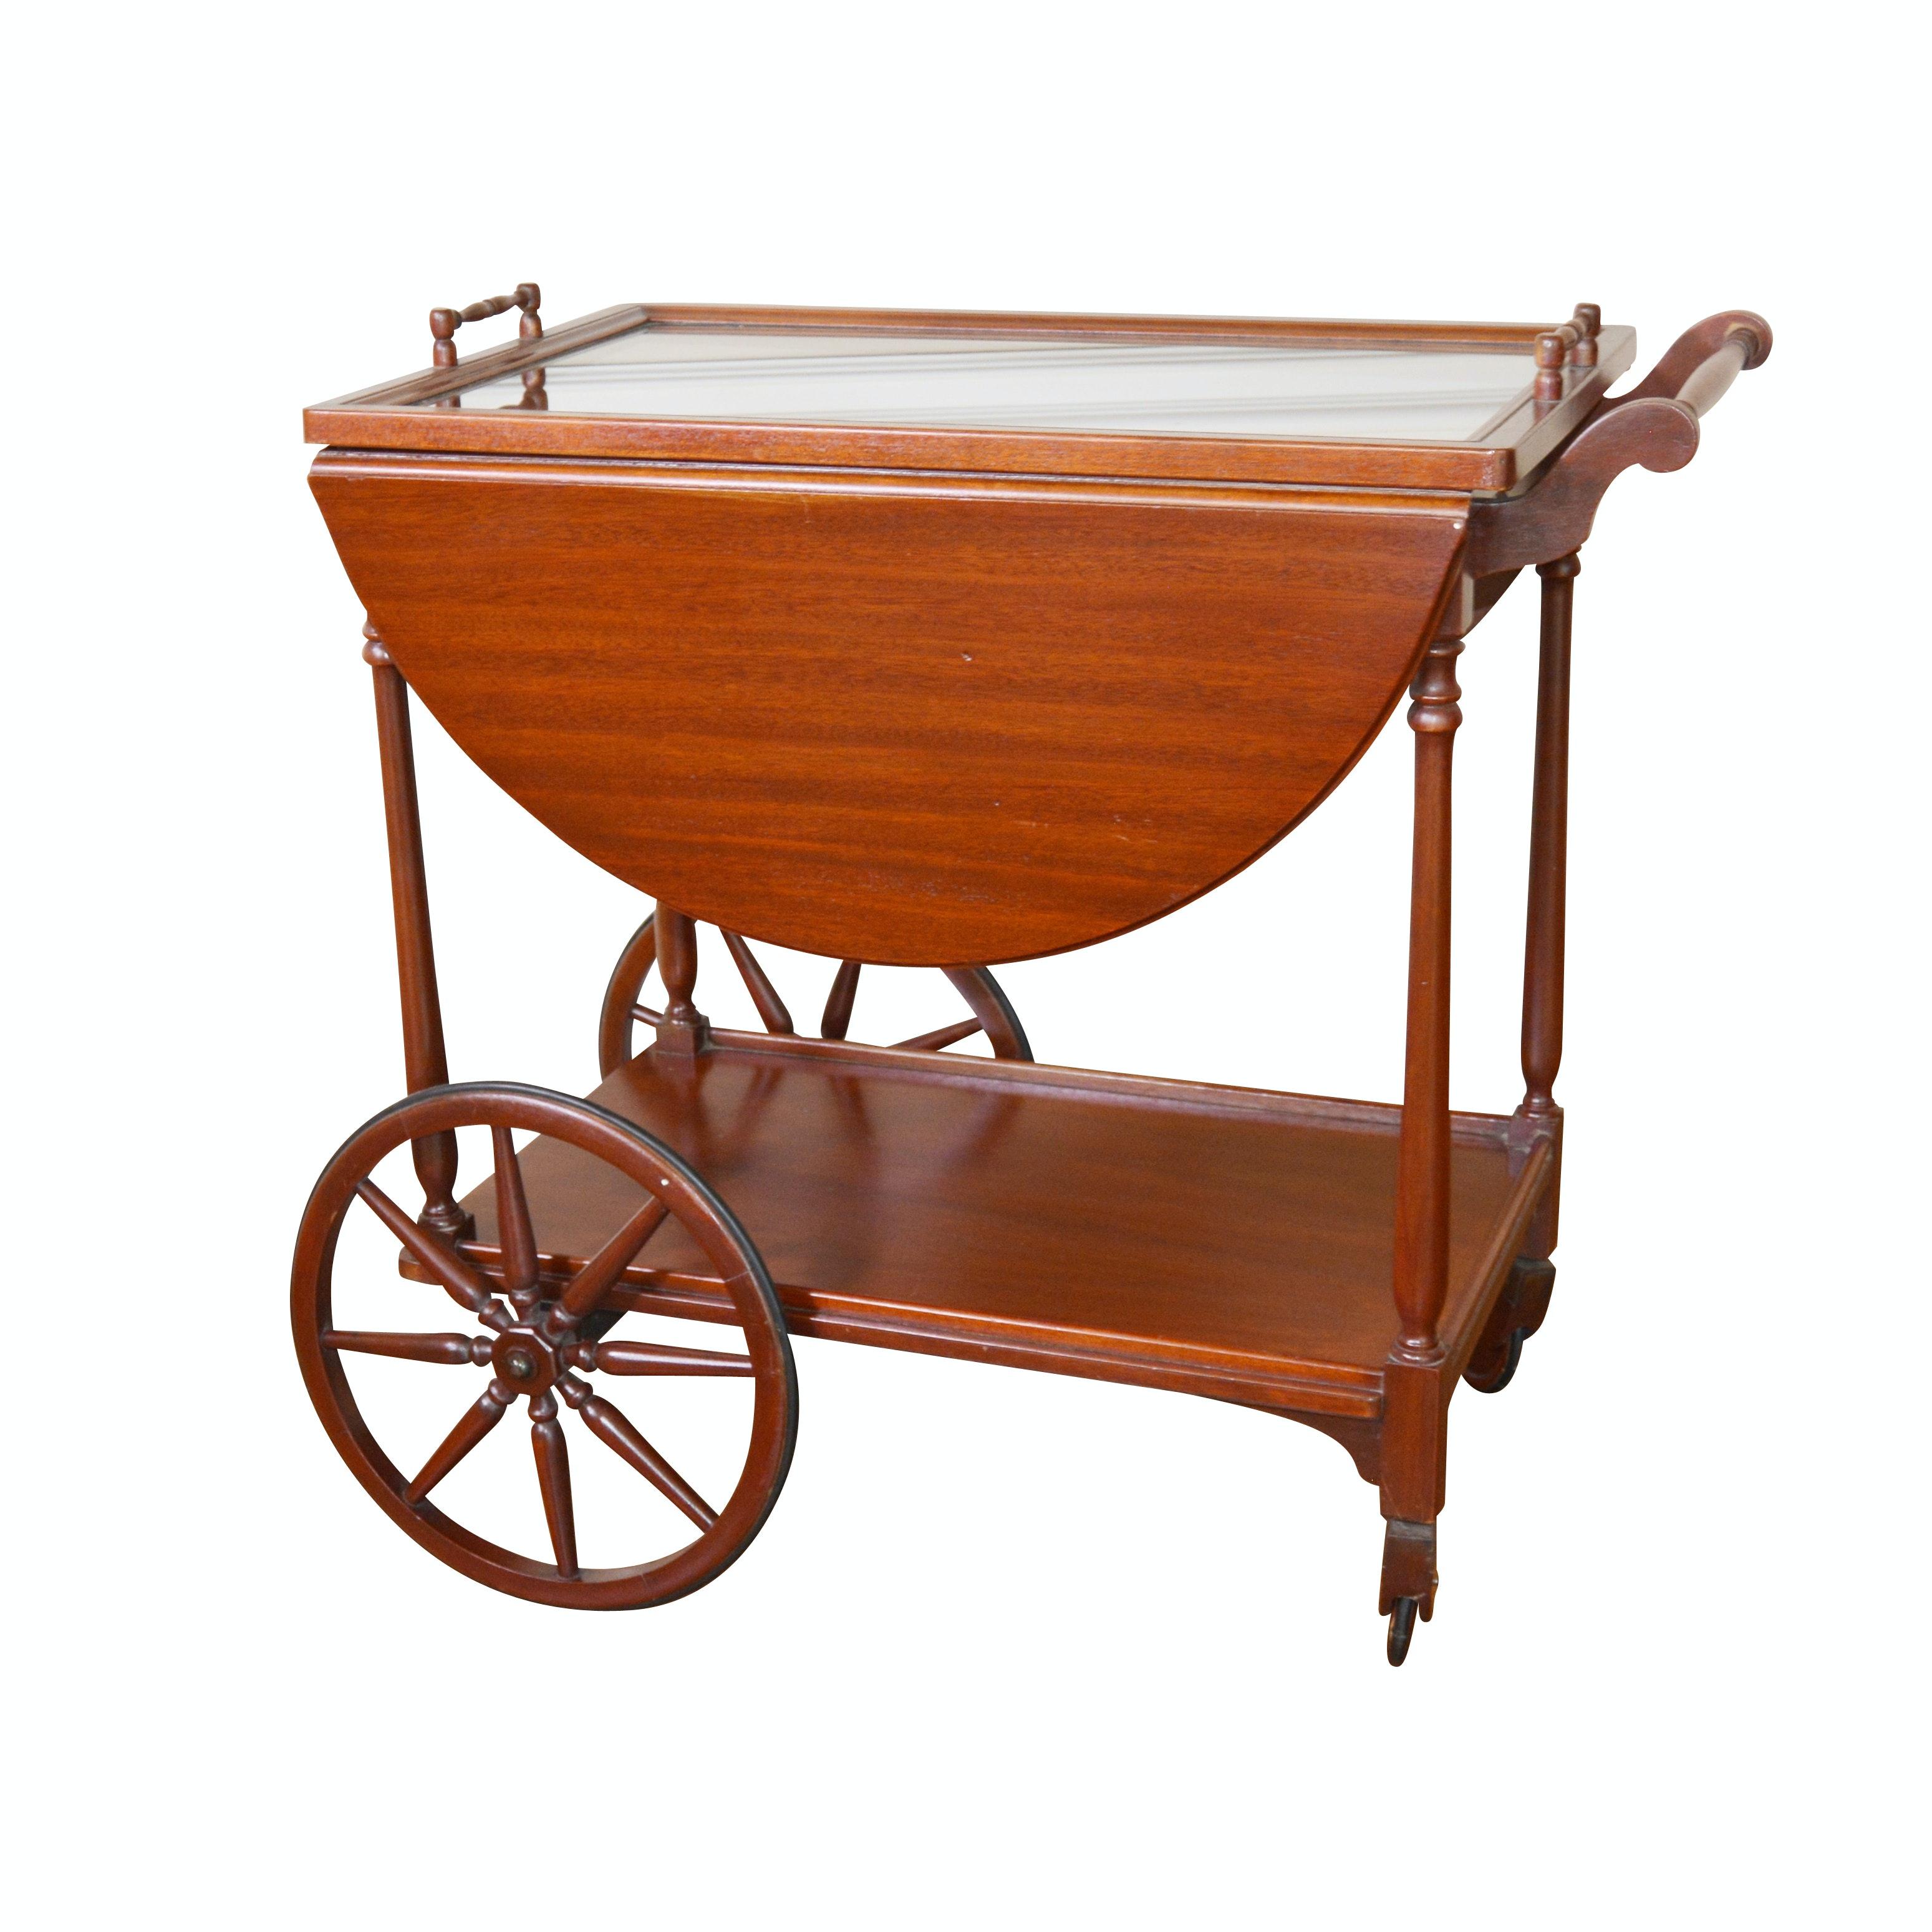 Mahogany Tea Cart by Pallman Furniture Co., Mid-20th Century